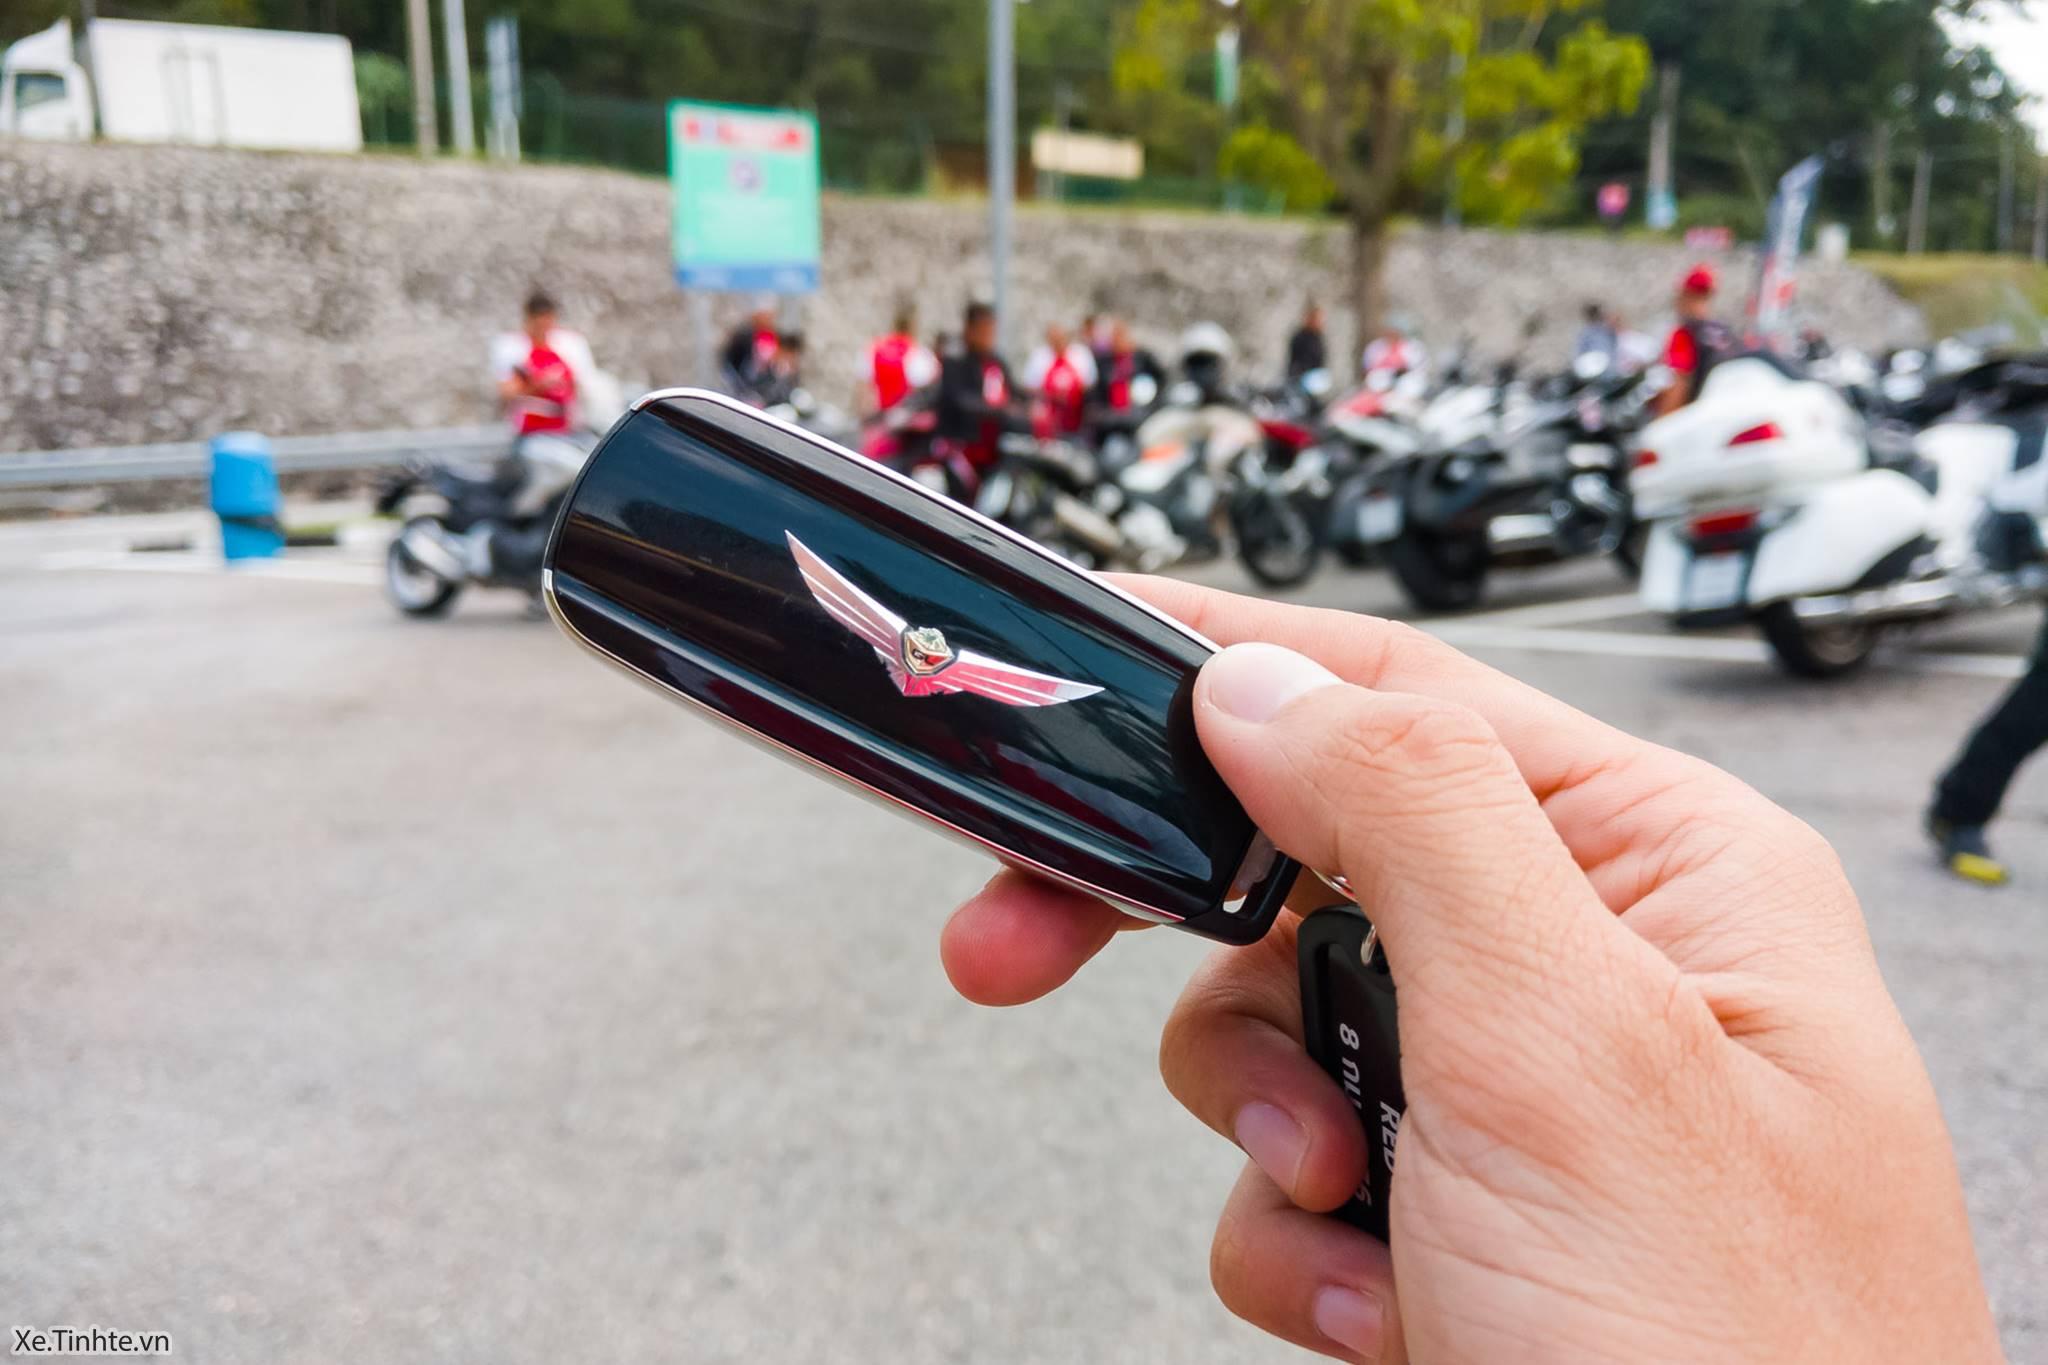 Honda_Asian_Journey_2018_Xe_Tinhte_IMAG0425.jpg